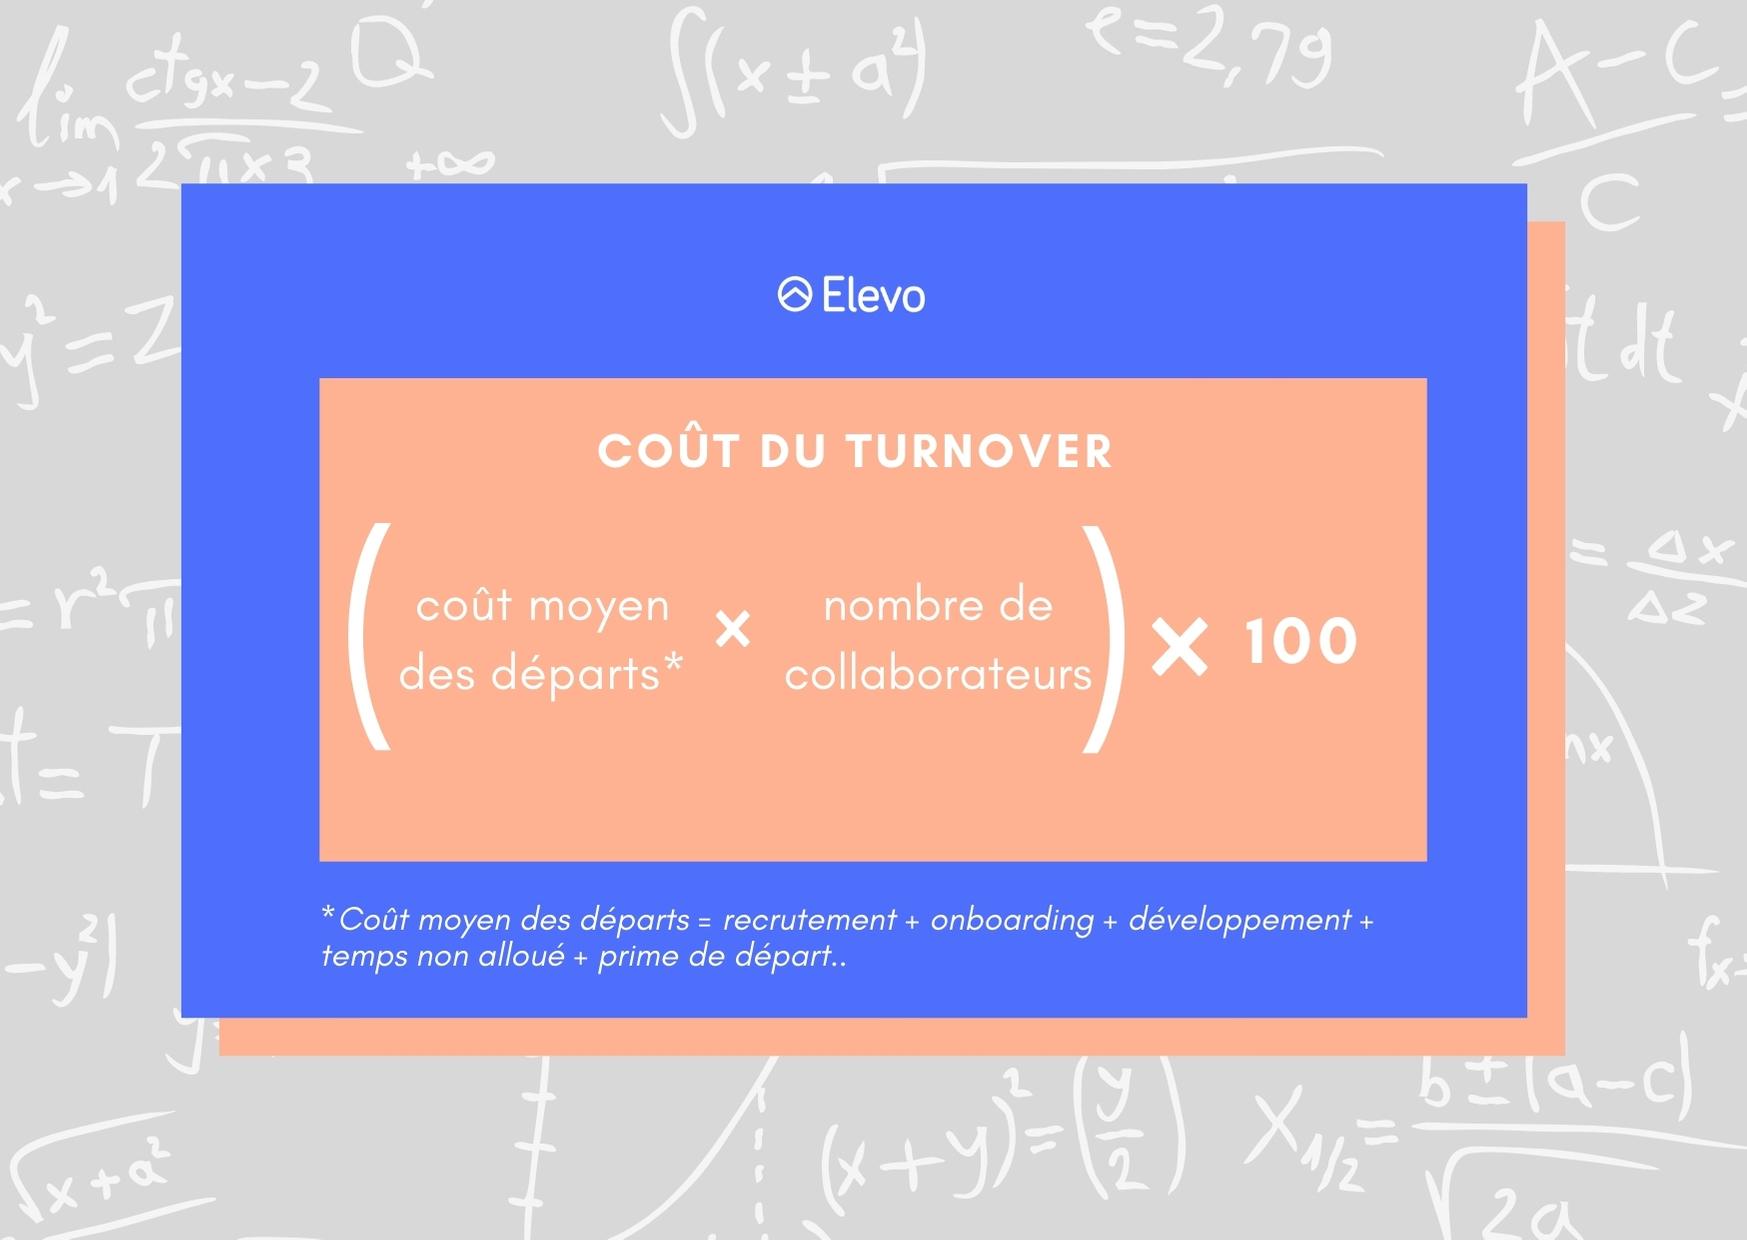 Formule du coût du turnover